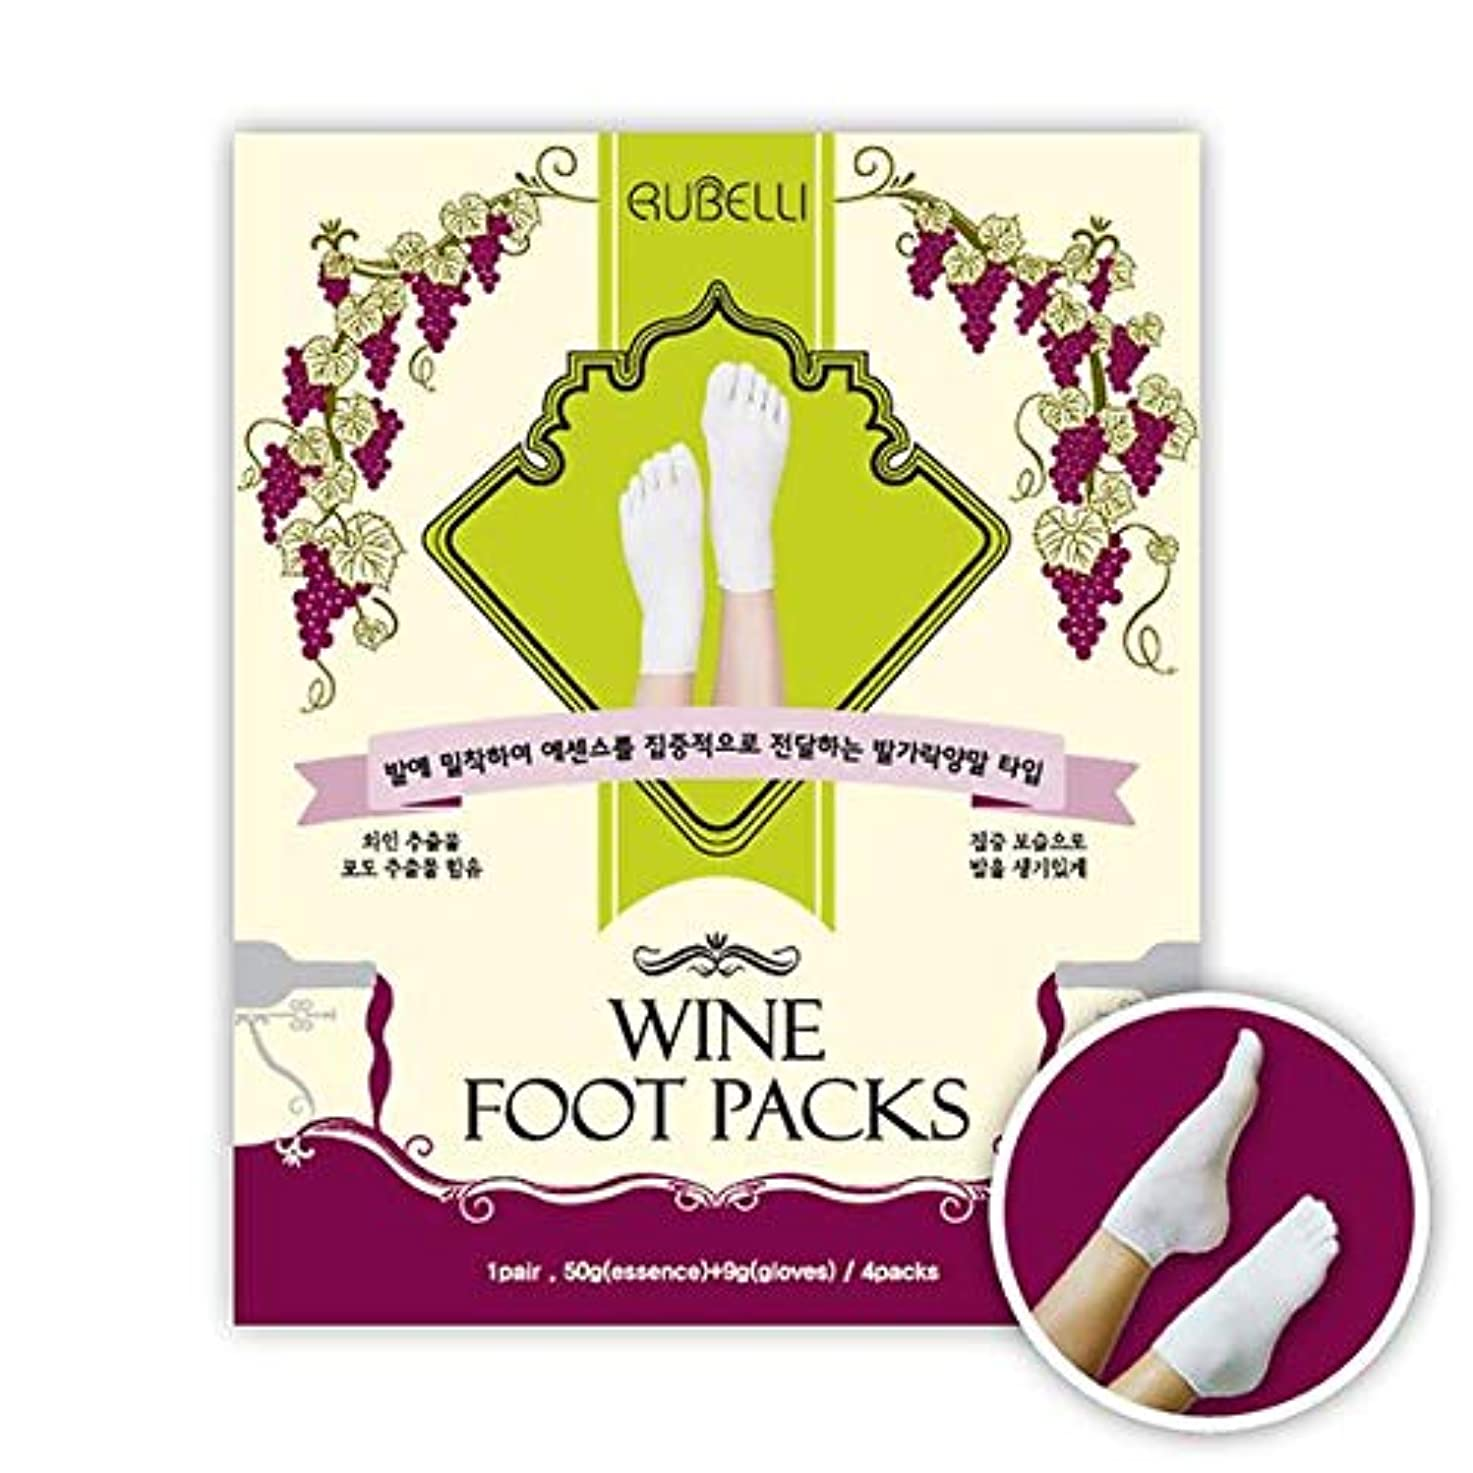 咲く雪風景ルベリ[RUBELLI] ワインフットパック59gx4ea自宅でセルフフットケア、保湿 (Wine Foot Packs)